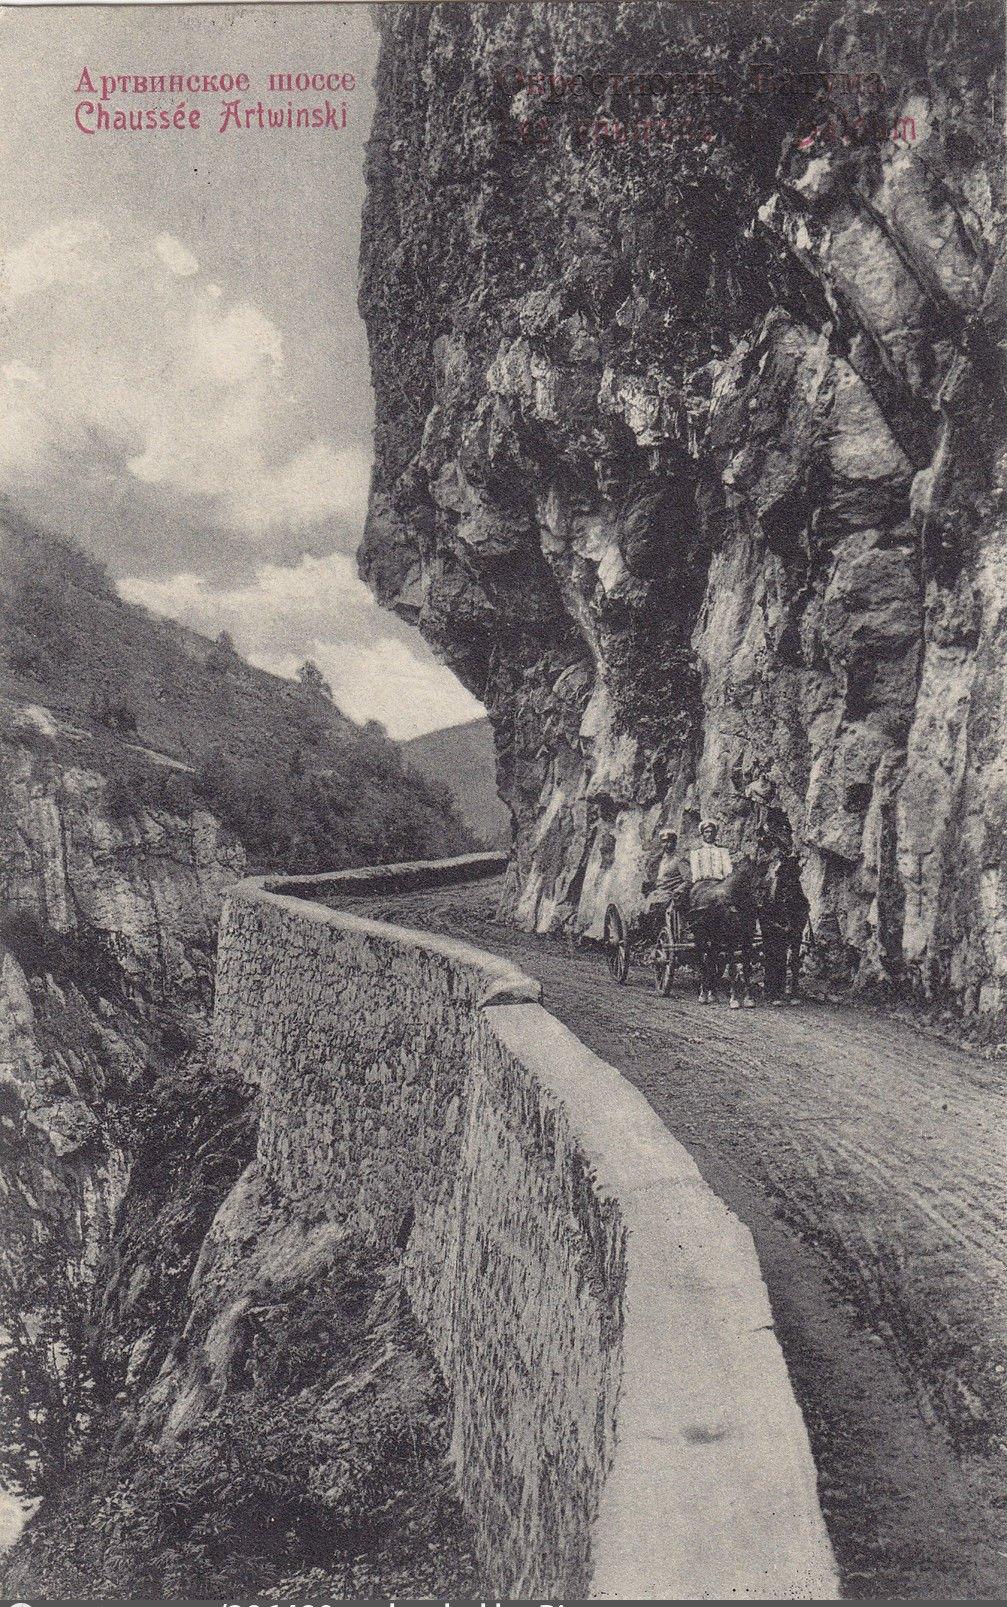 Окрестности Батума. Артвинское шоссе